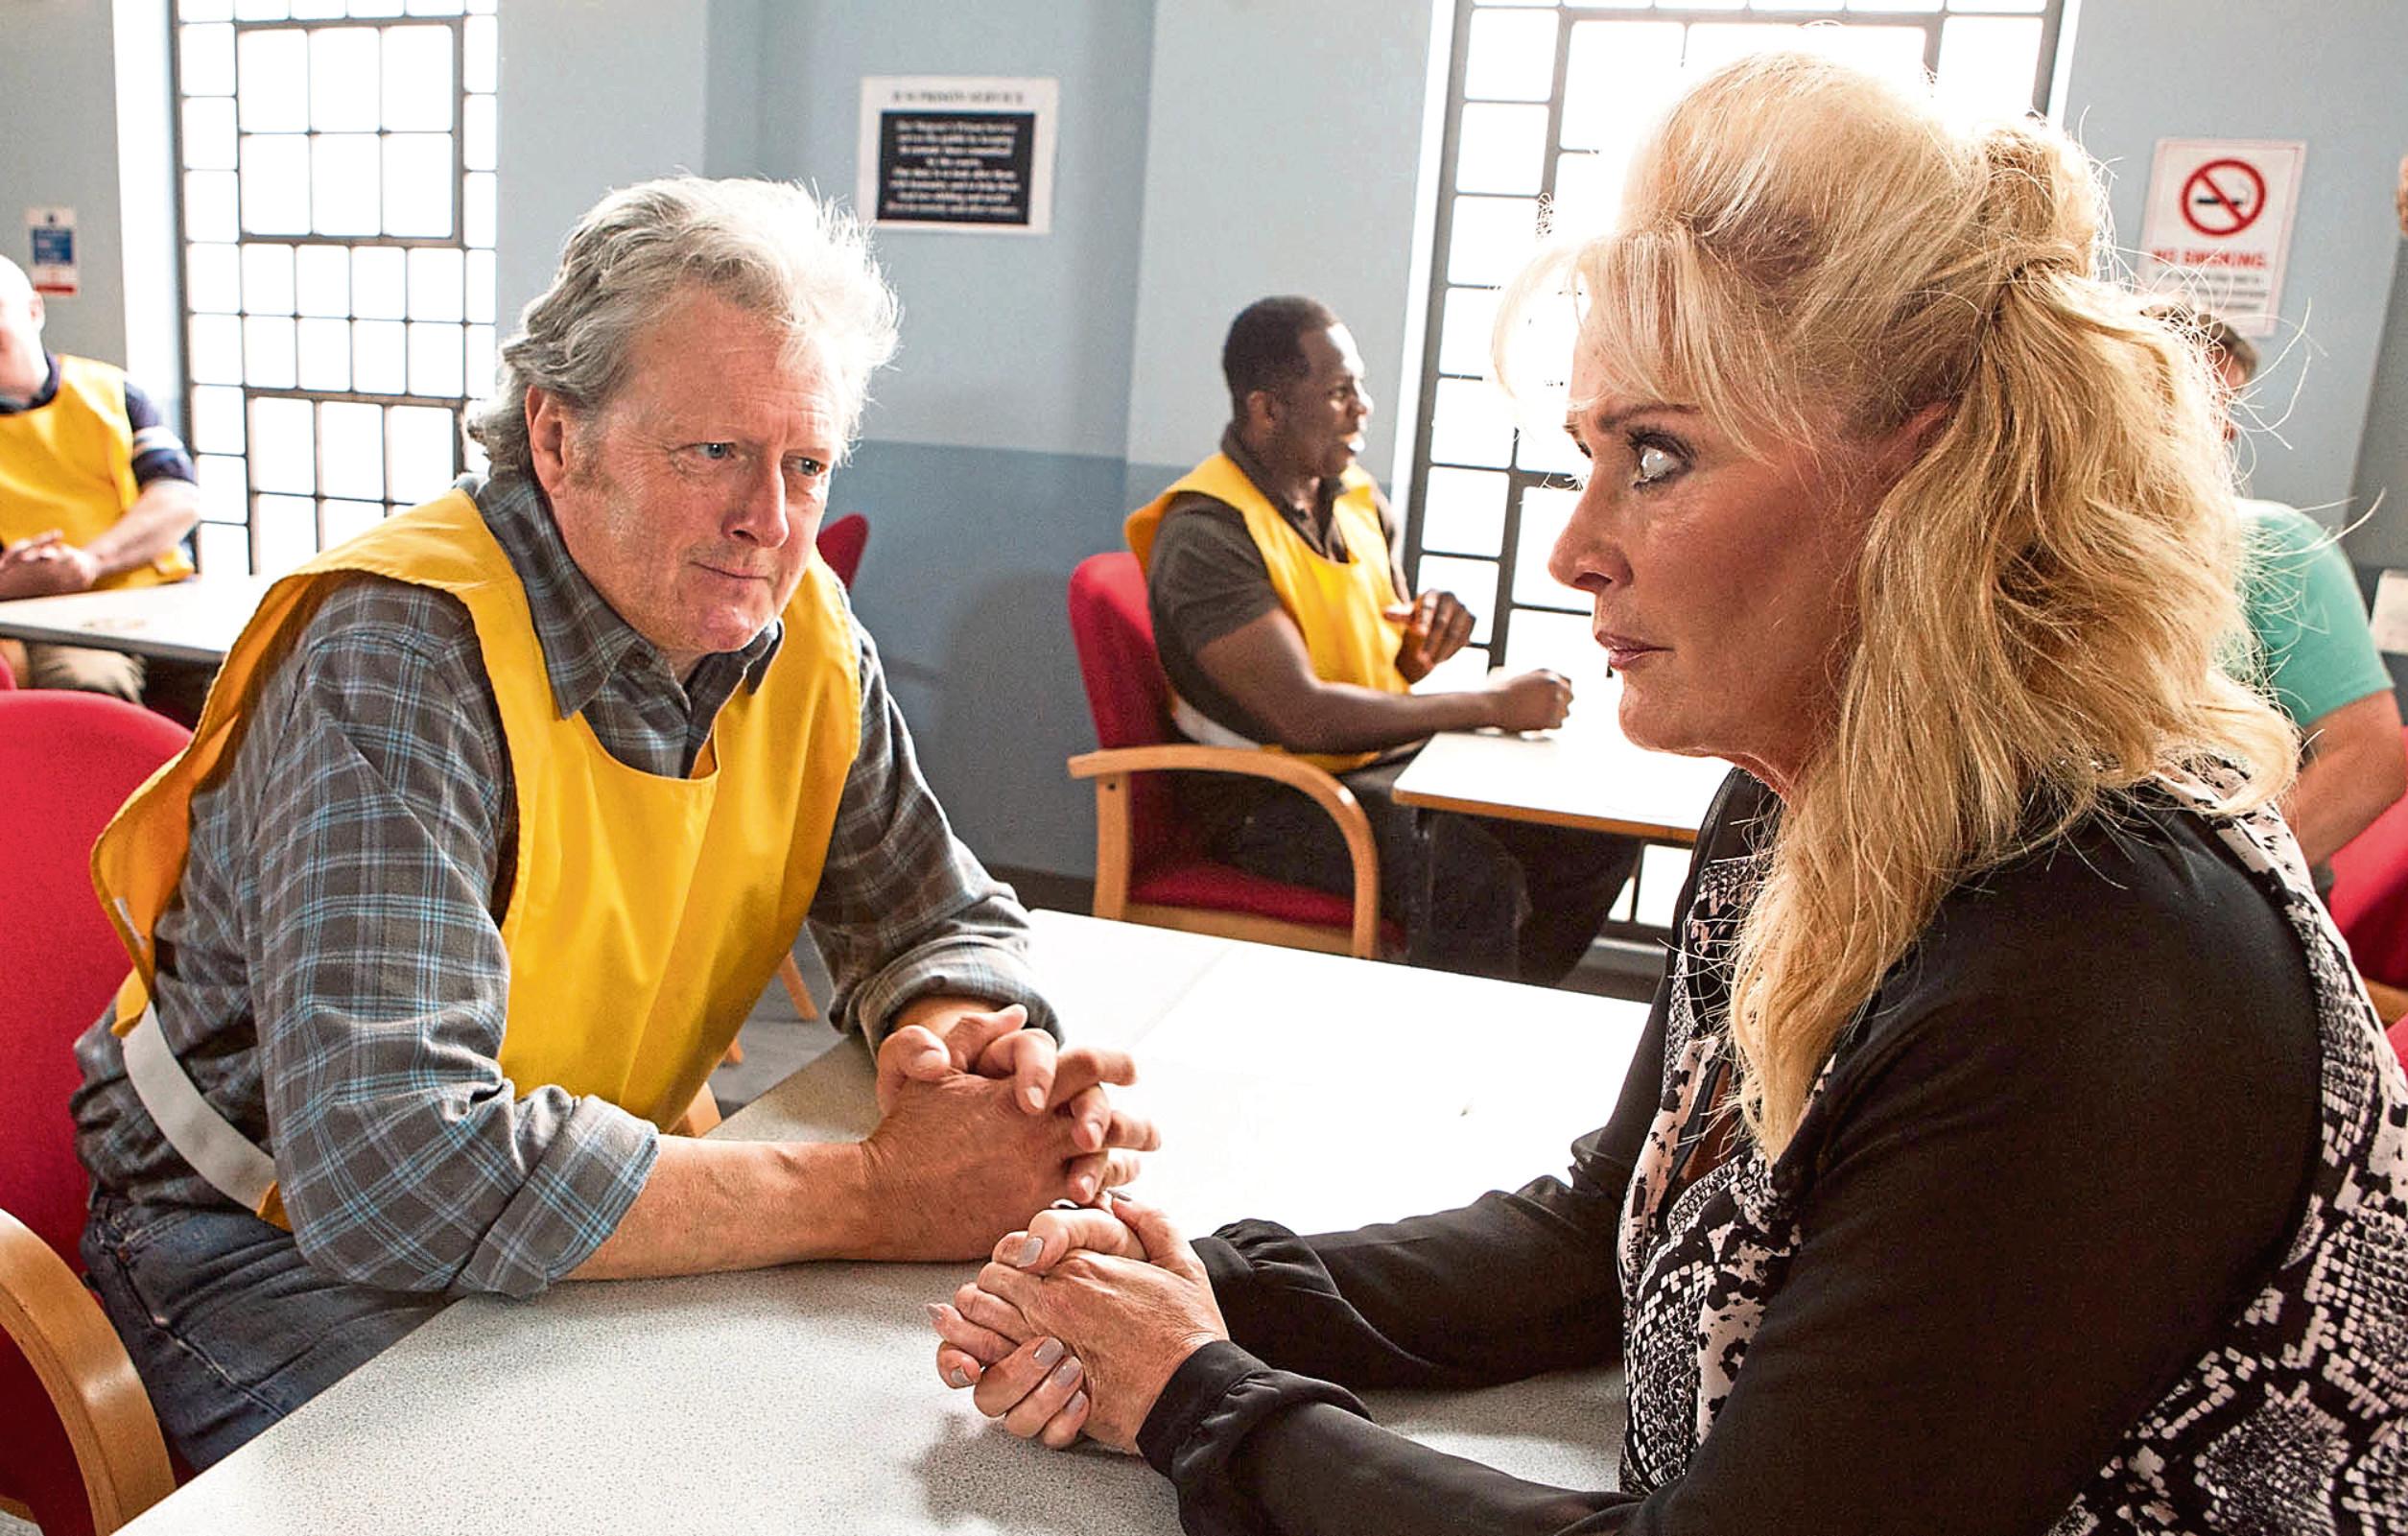 Ian Rankin's Rebus (ITV)